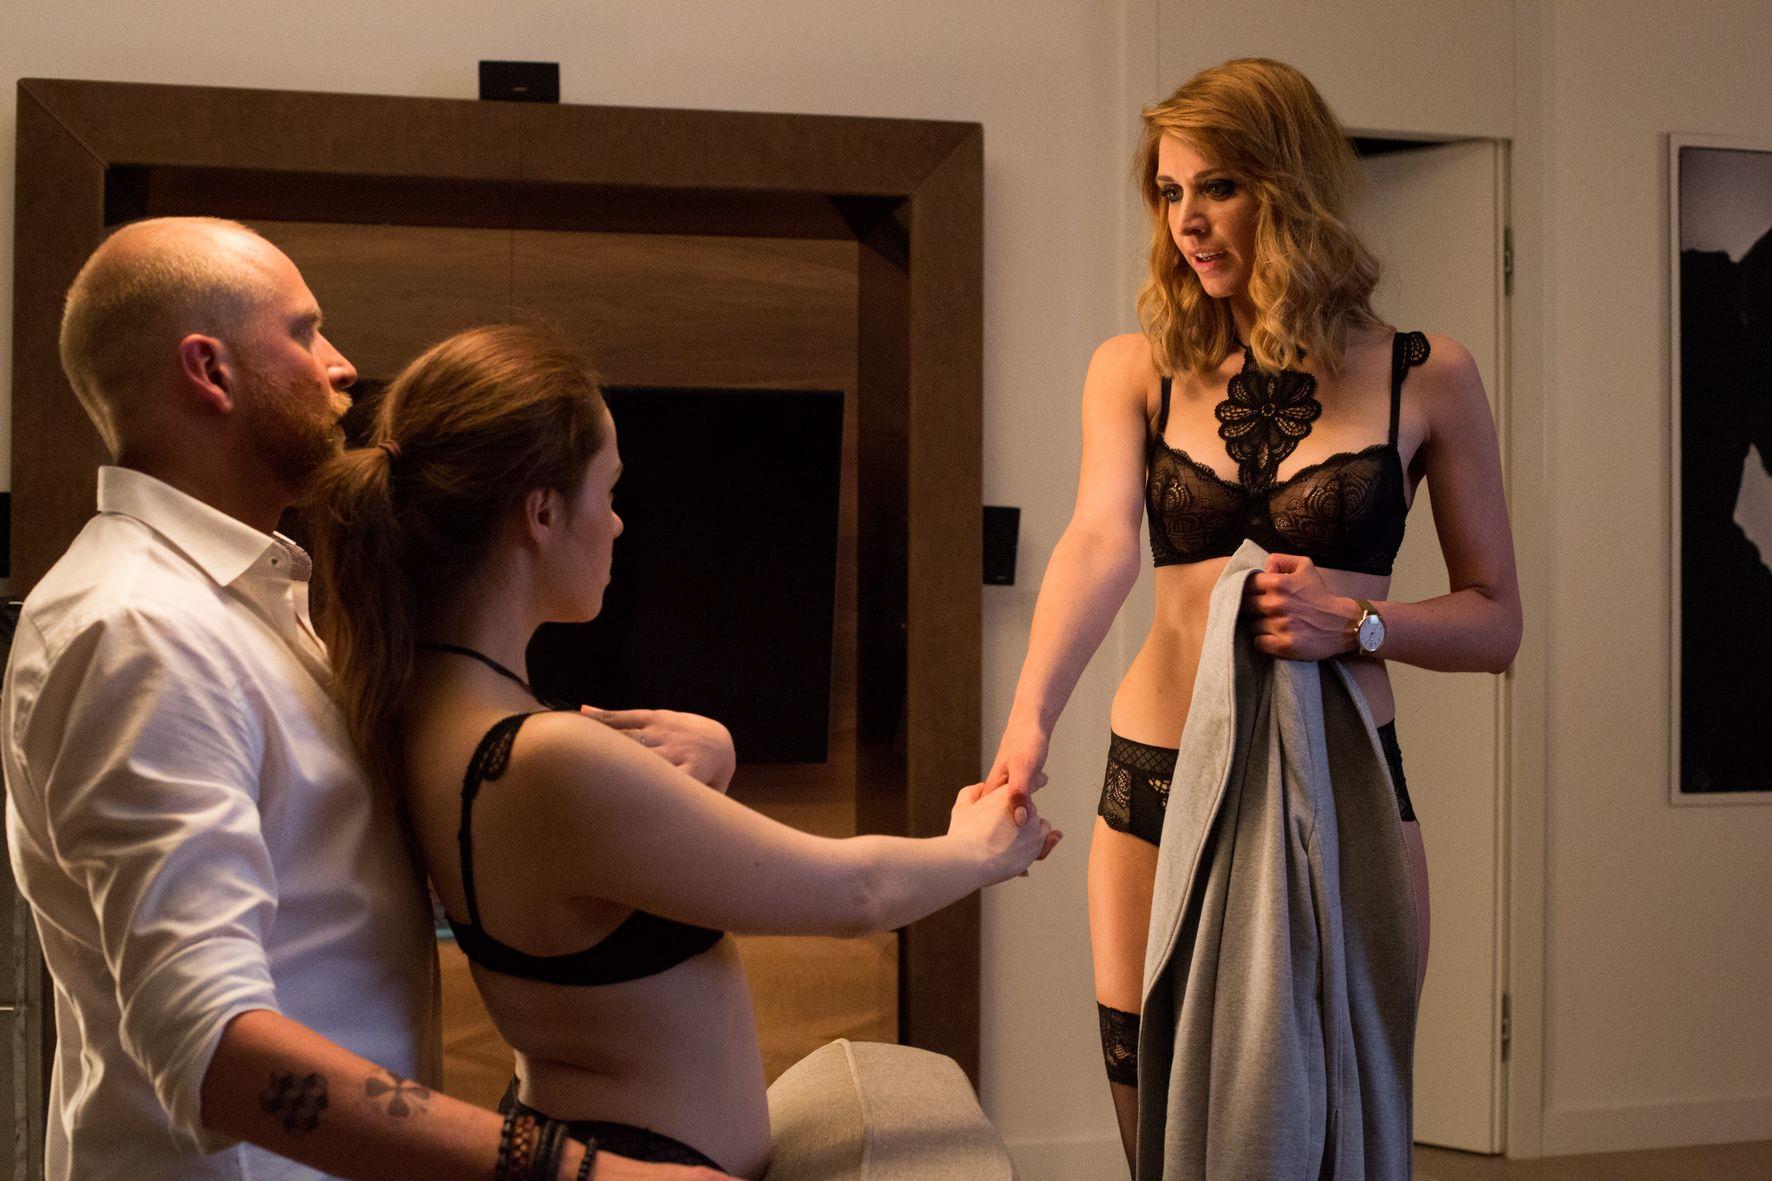 WЕ'Oskie Filmy Erotyczne